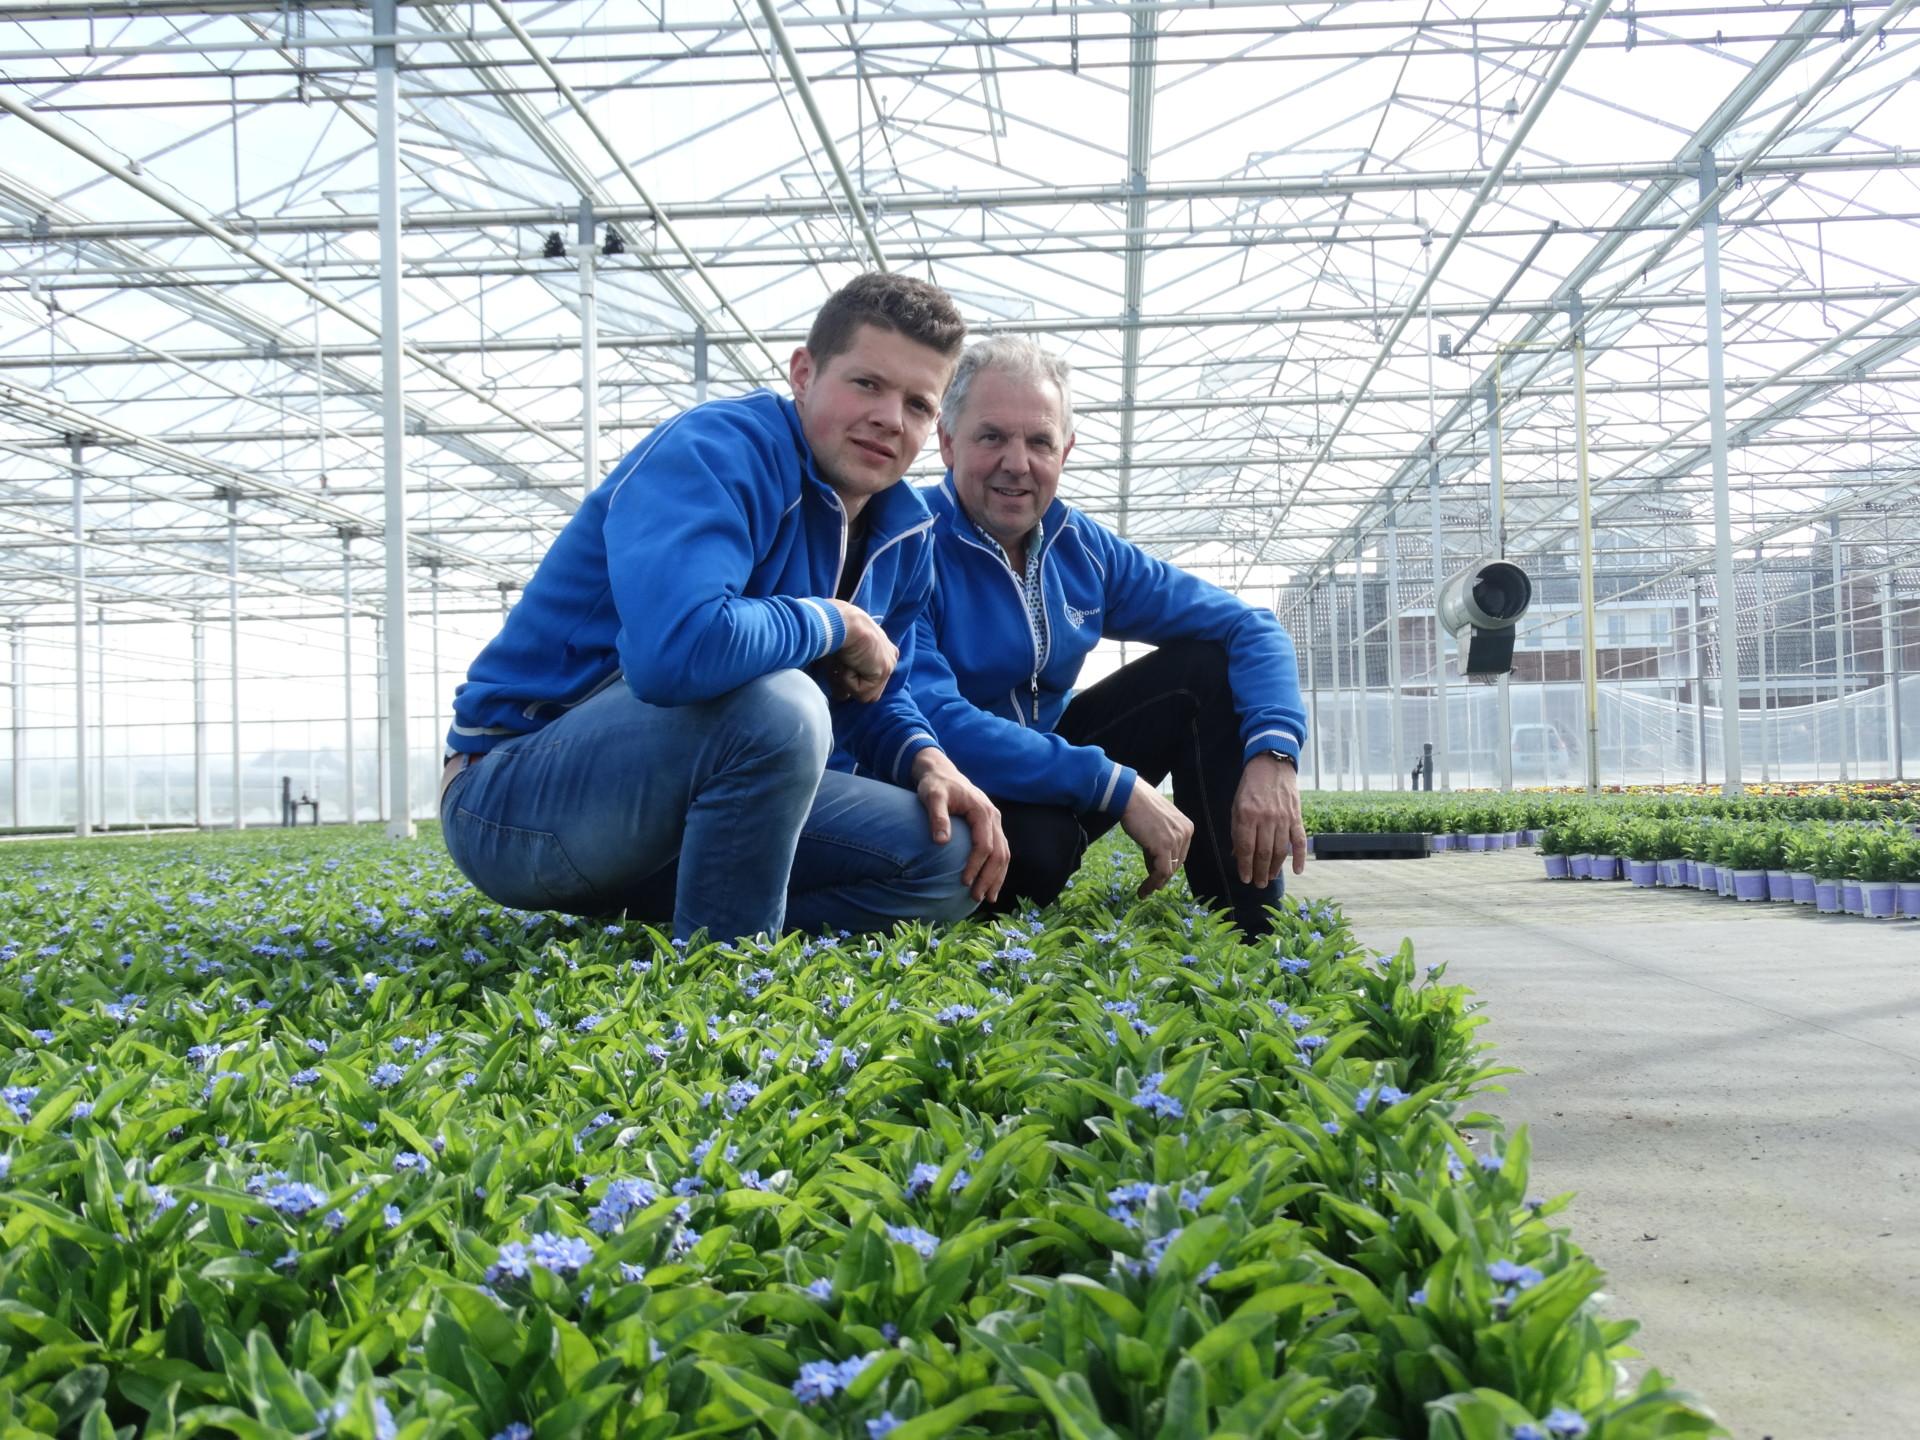 Javado op bezoek bij Boers Tuinbouw